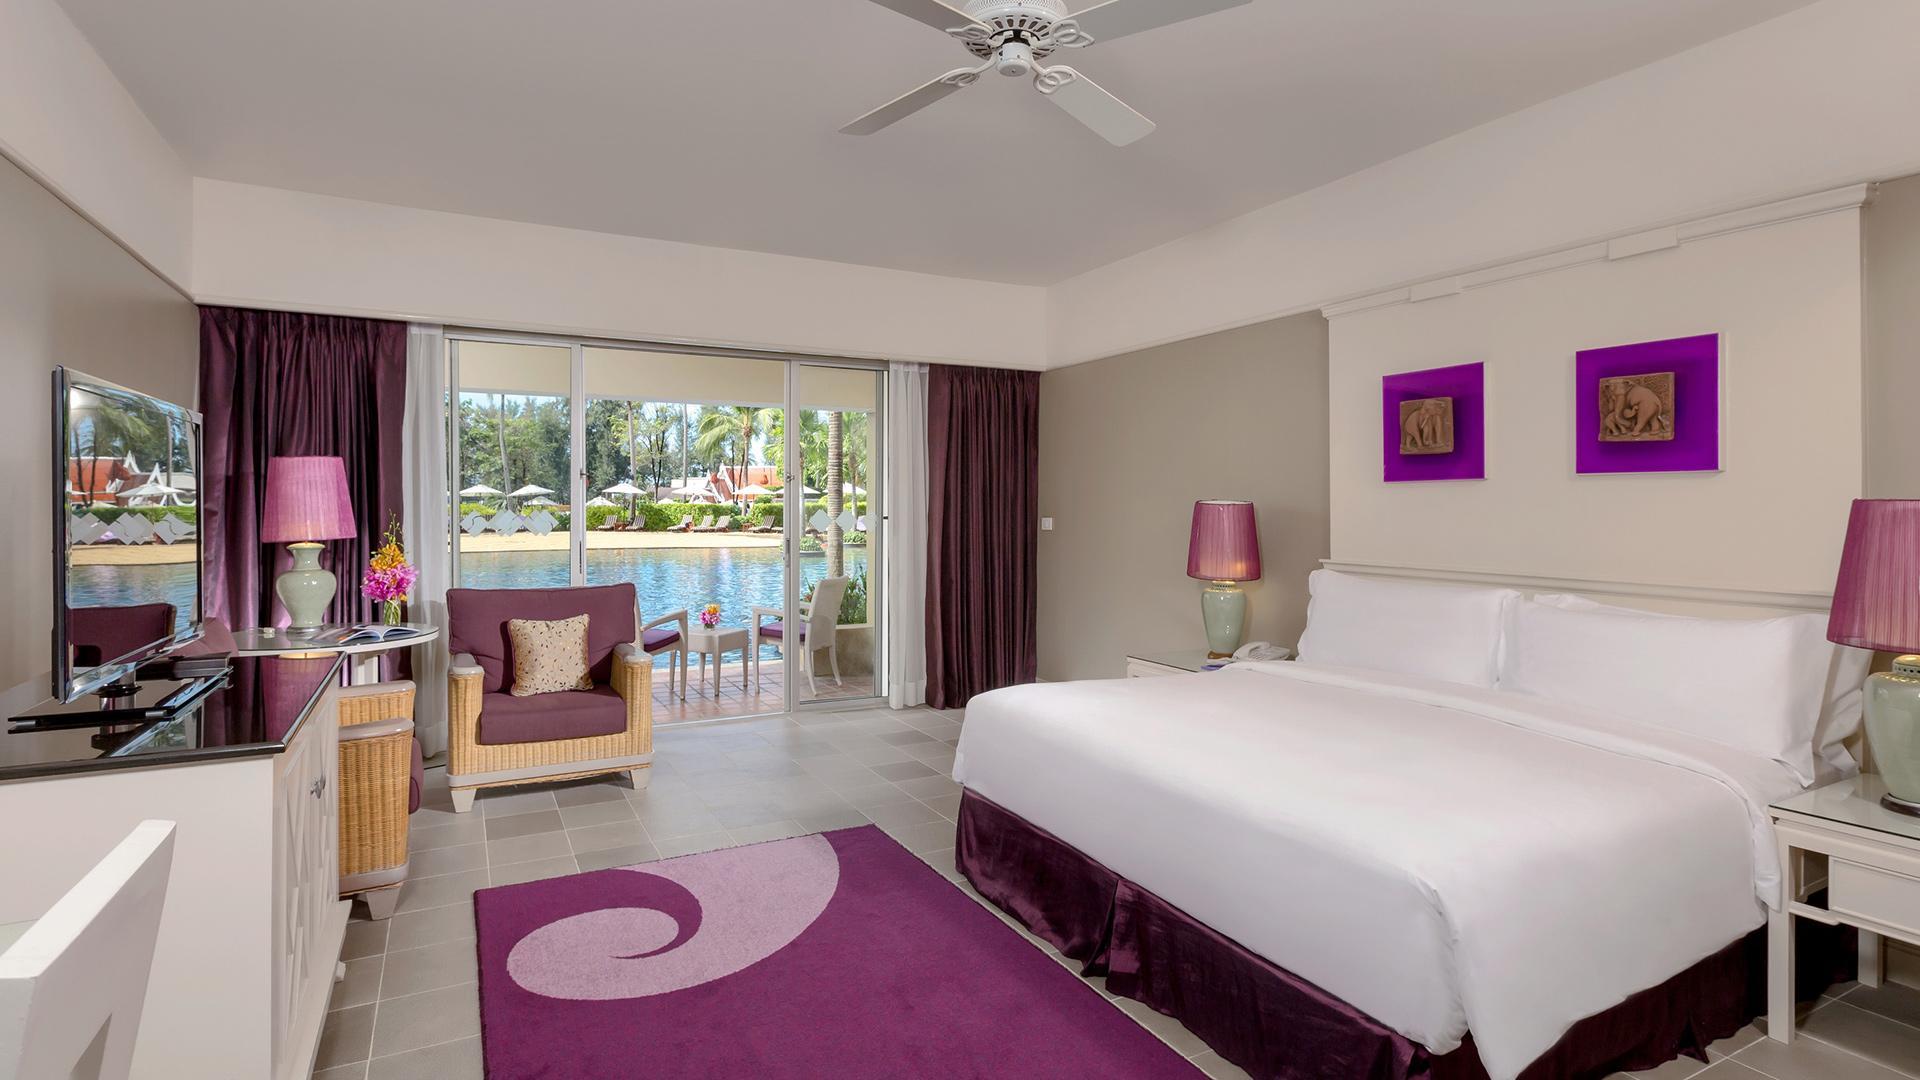 Laguna Poolside Room image 1 at Angsana Laguna Phuket by Amphoe Thalang, Chang Wat Phuket, Thailand